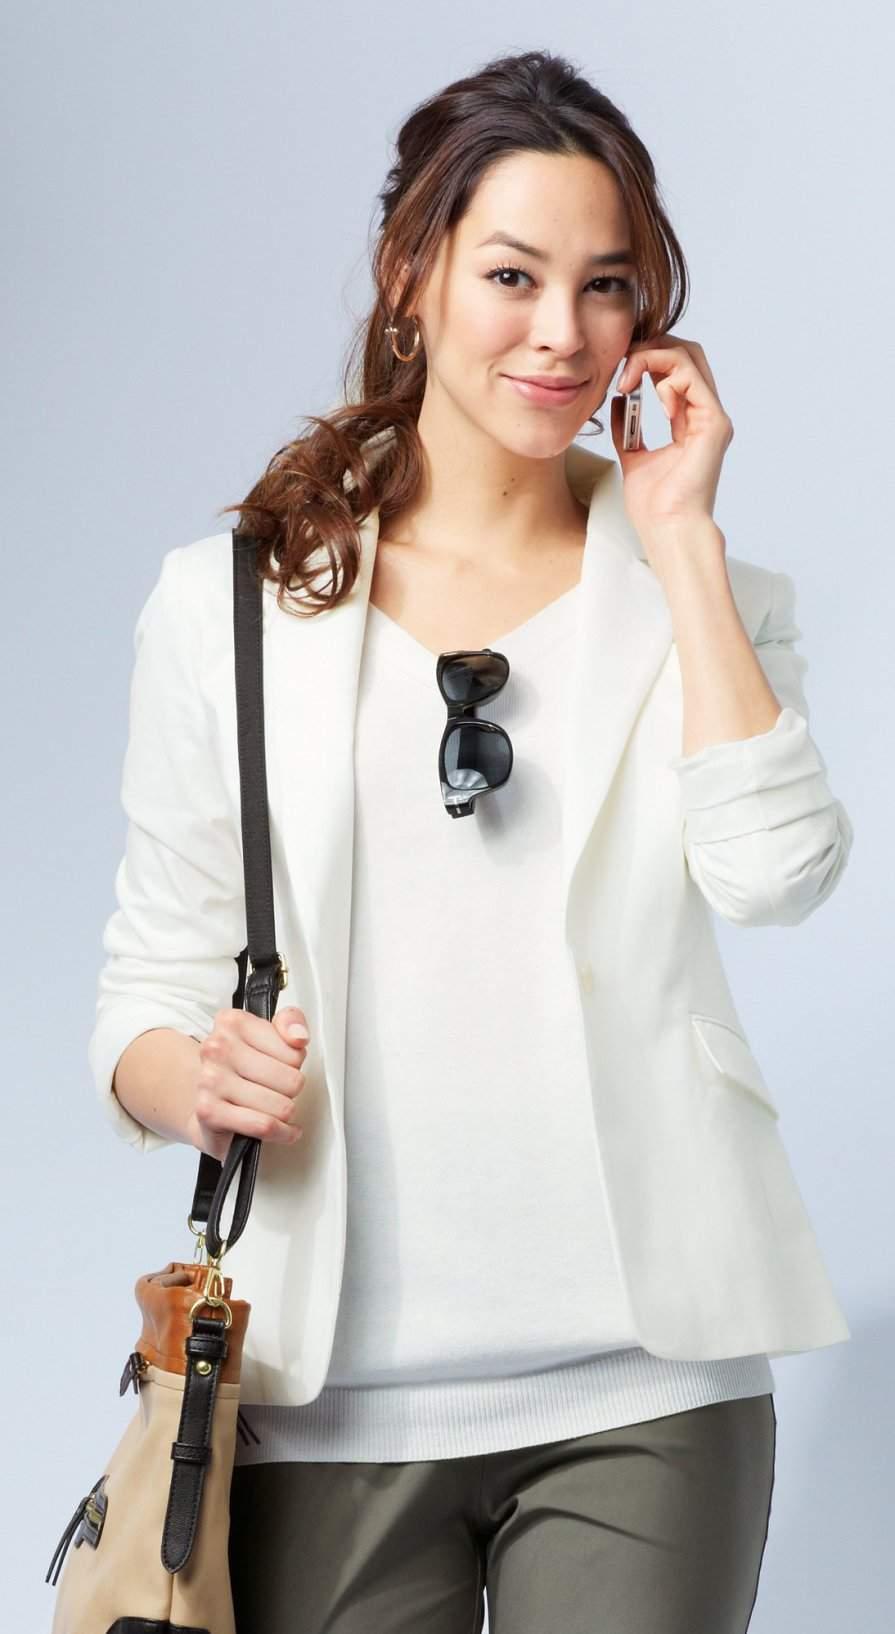 男前アイテムも女らしく着こなしたい!ジャケットをフェミニンに着たい女性のためのコーデ3選 2番目の画像